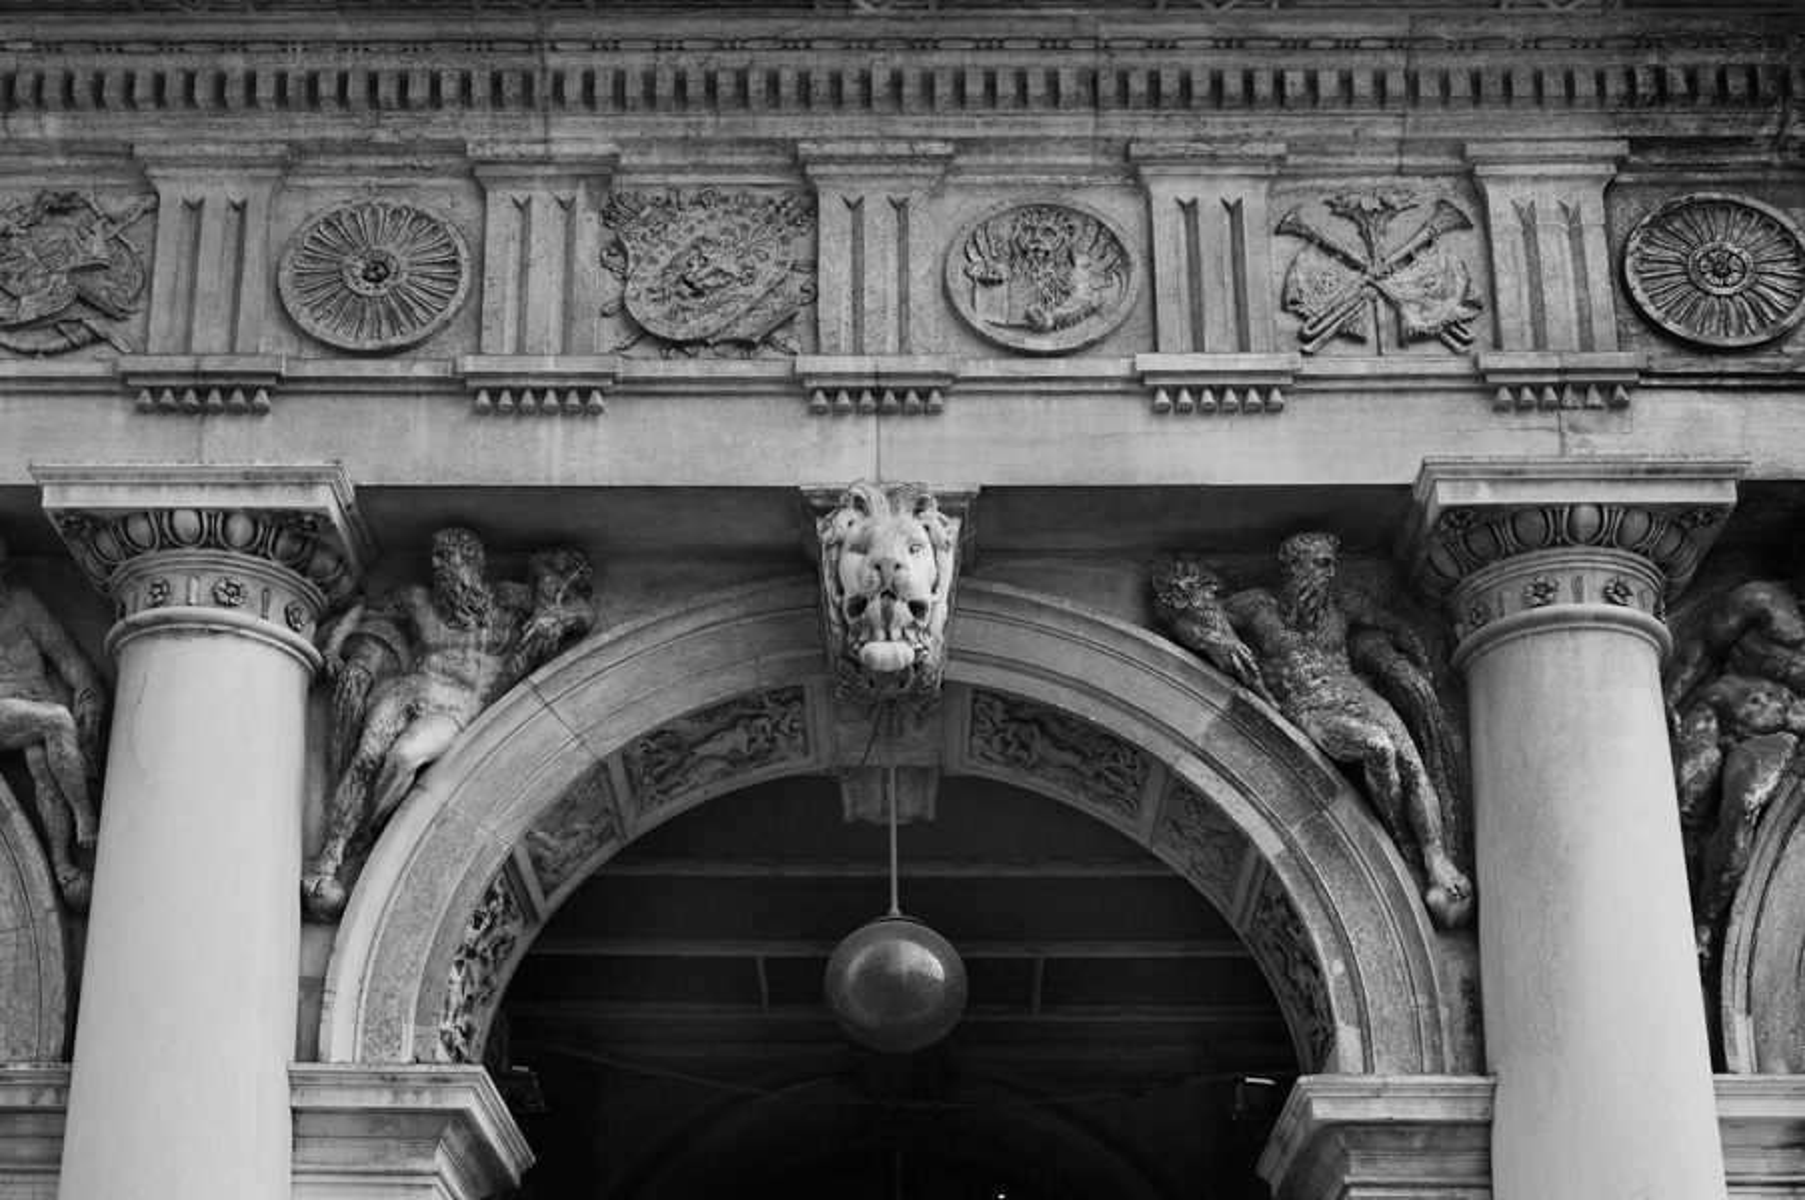 Piano Terracotta Marmo Venezia : Canal grande di venezia catalogo illustrato sculture